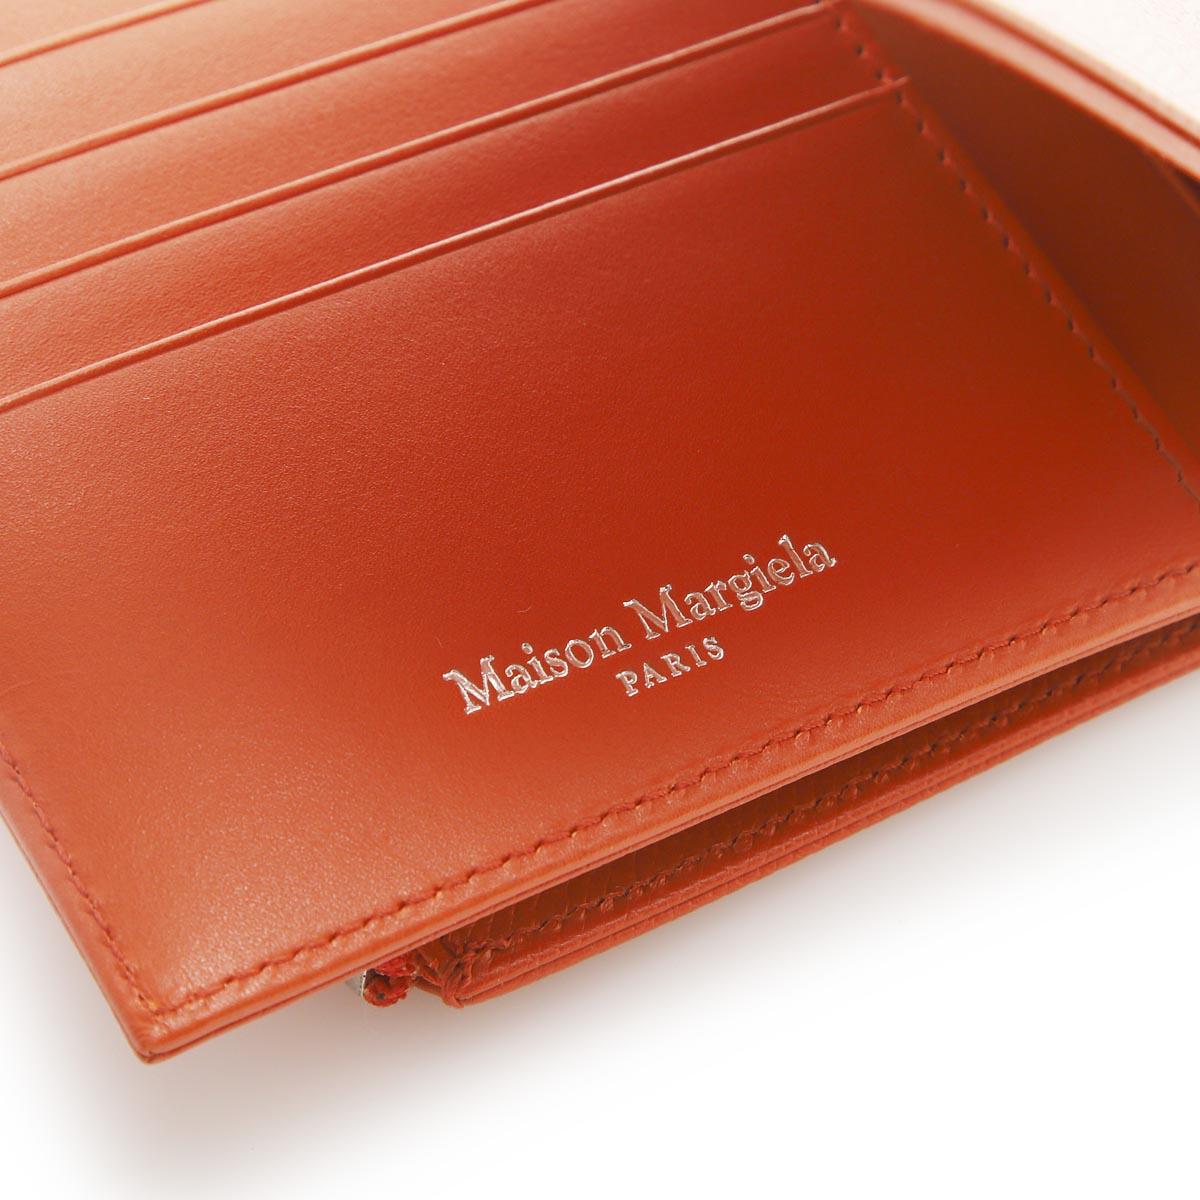 Maison Margiela メゾンマルジェラ 2つ折り財布 小銭入れ付き/11 女性と男性のためのアクセサリーコレクション メンズ